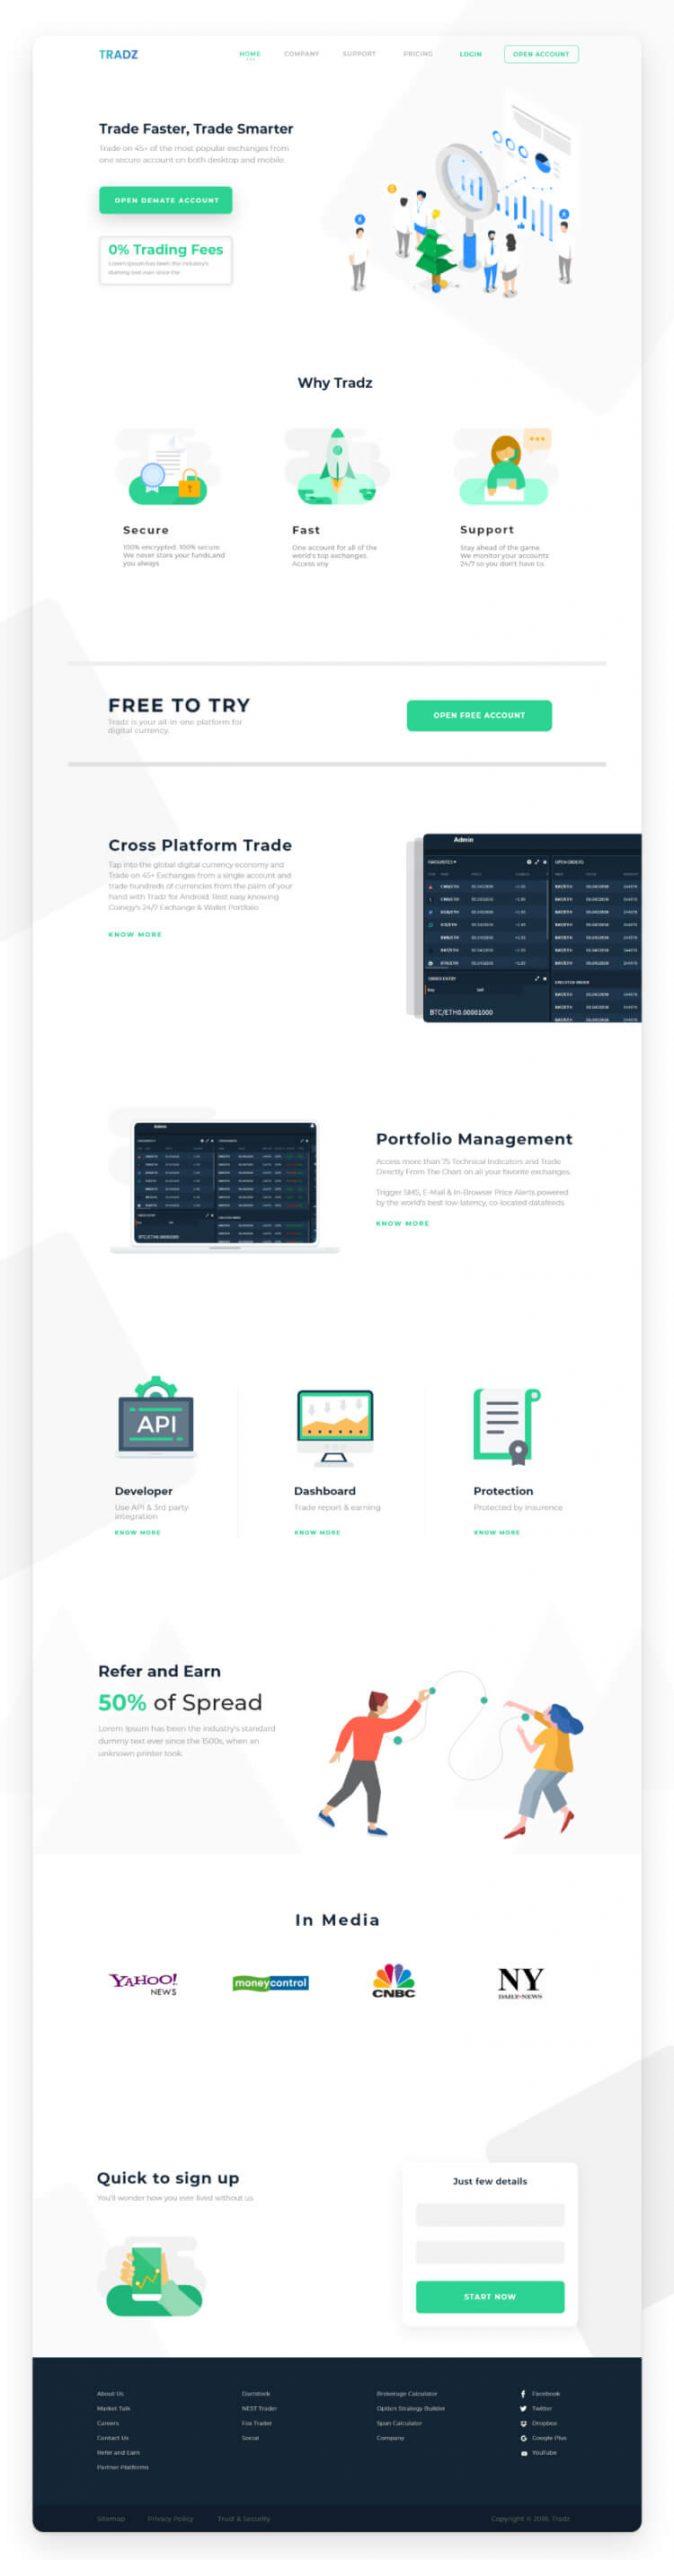 Digital Currency Landing Page 2 scaled - UI Freebies